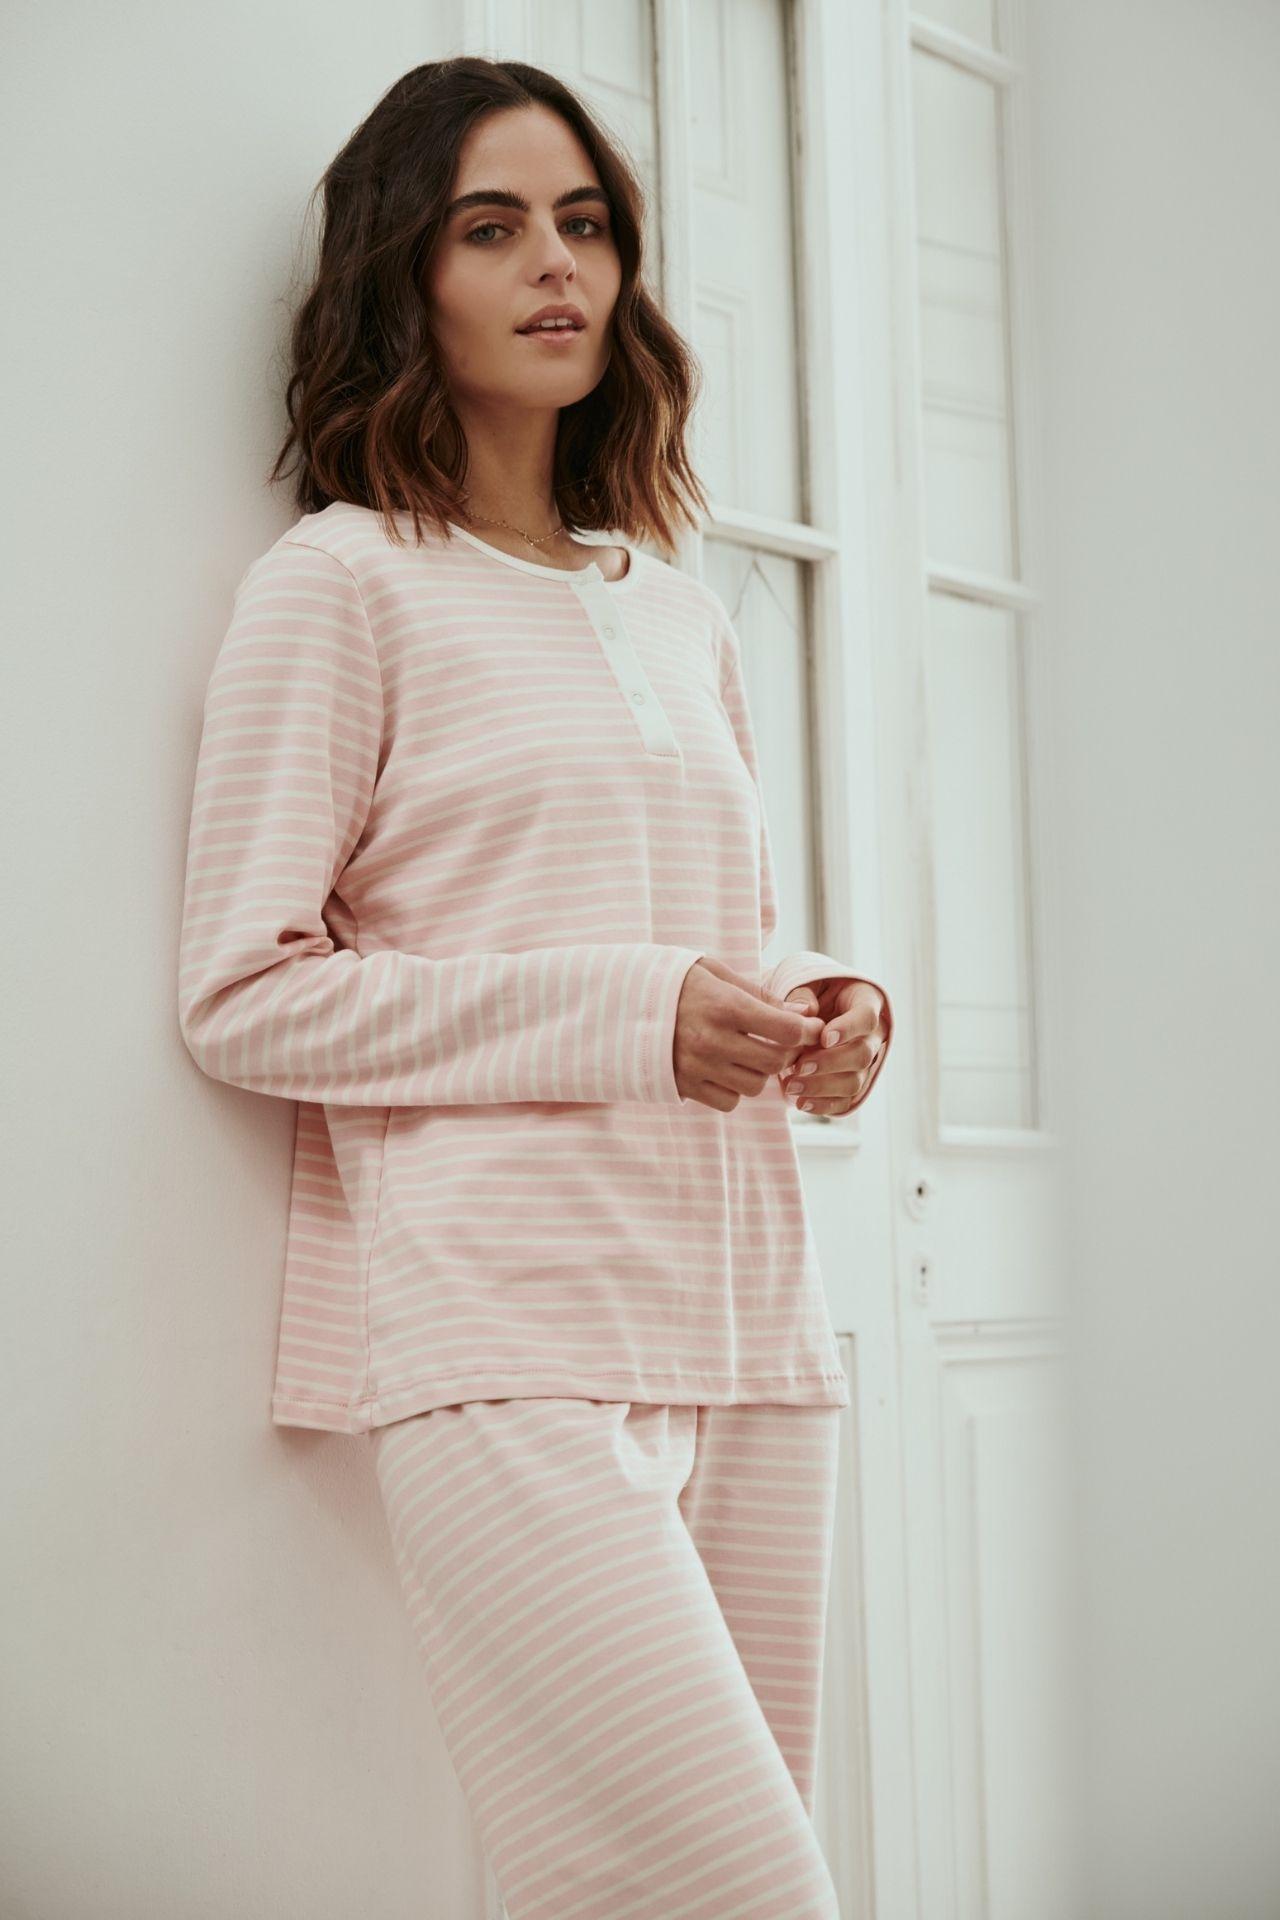 Enamórate de la suavidad y comodidad de la pijama más playful! Tiene broches que le dan un detalle único y el elástico más comódo del mundo. Además, la pijama ha pasado por nuestro lavado especial que le da extra suavidad y evita que se encoja. Te acompañará muchísimo tiempo! 100% tangüis peruano.